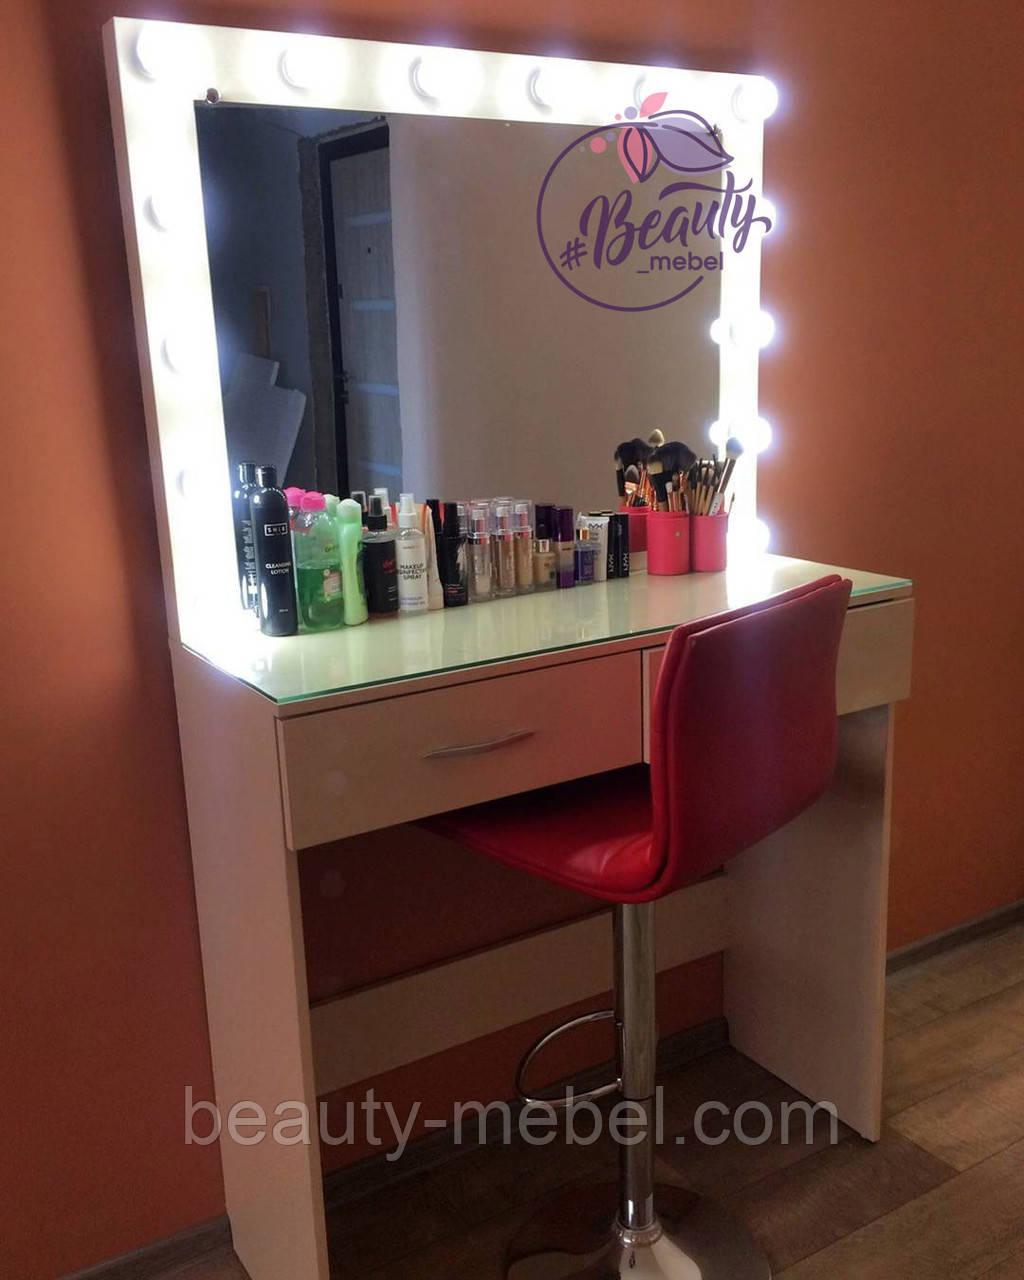 Гримерный столик со стеклом на столешнице, столик для макияжа с зеркалом и лампами